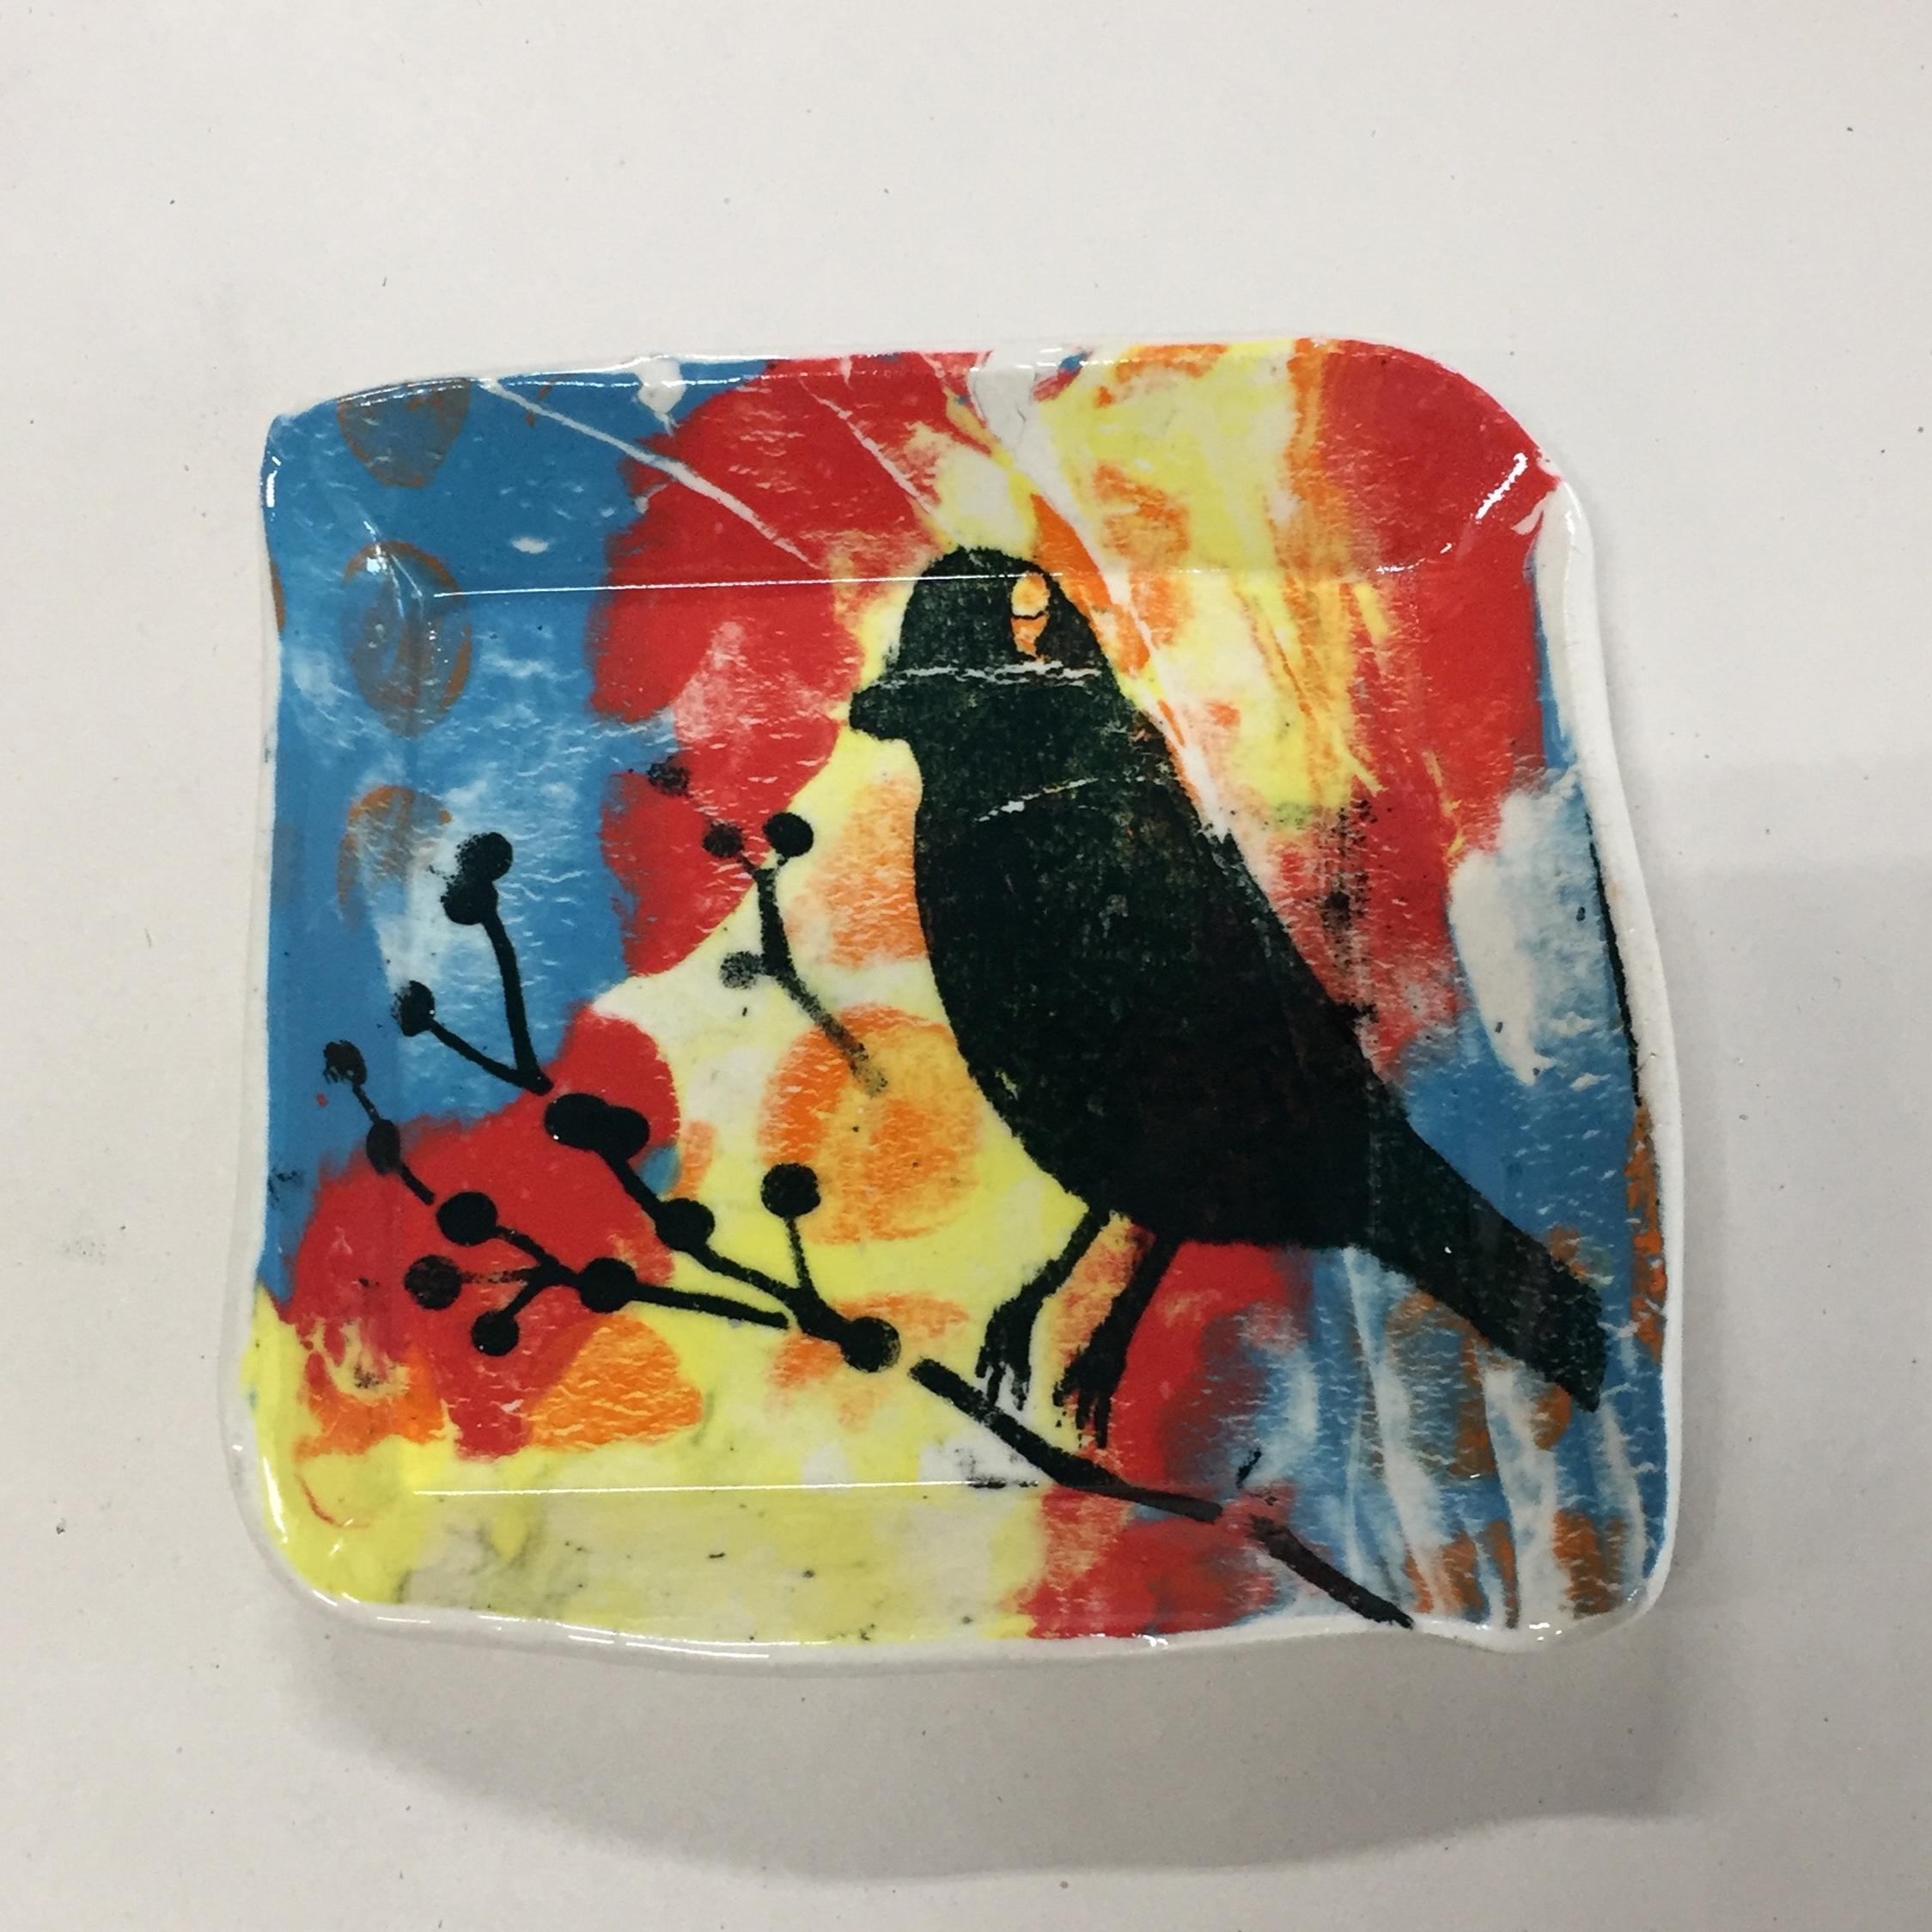 Bird Series Sauce Dipper_1119.jpg